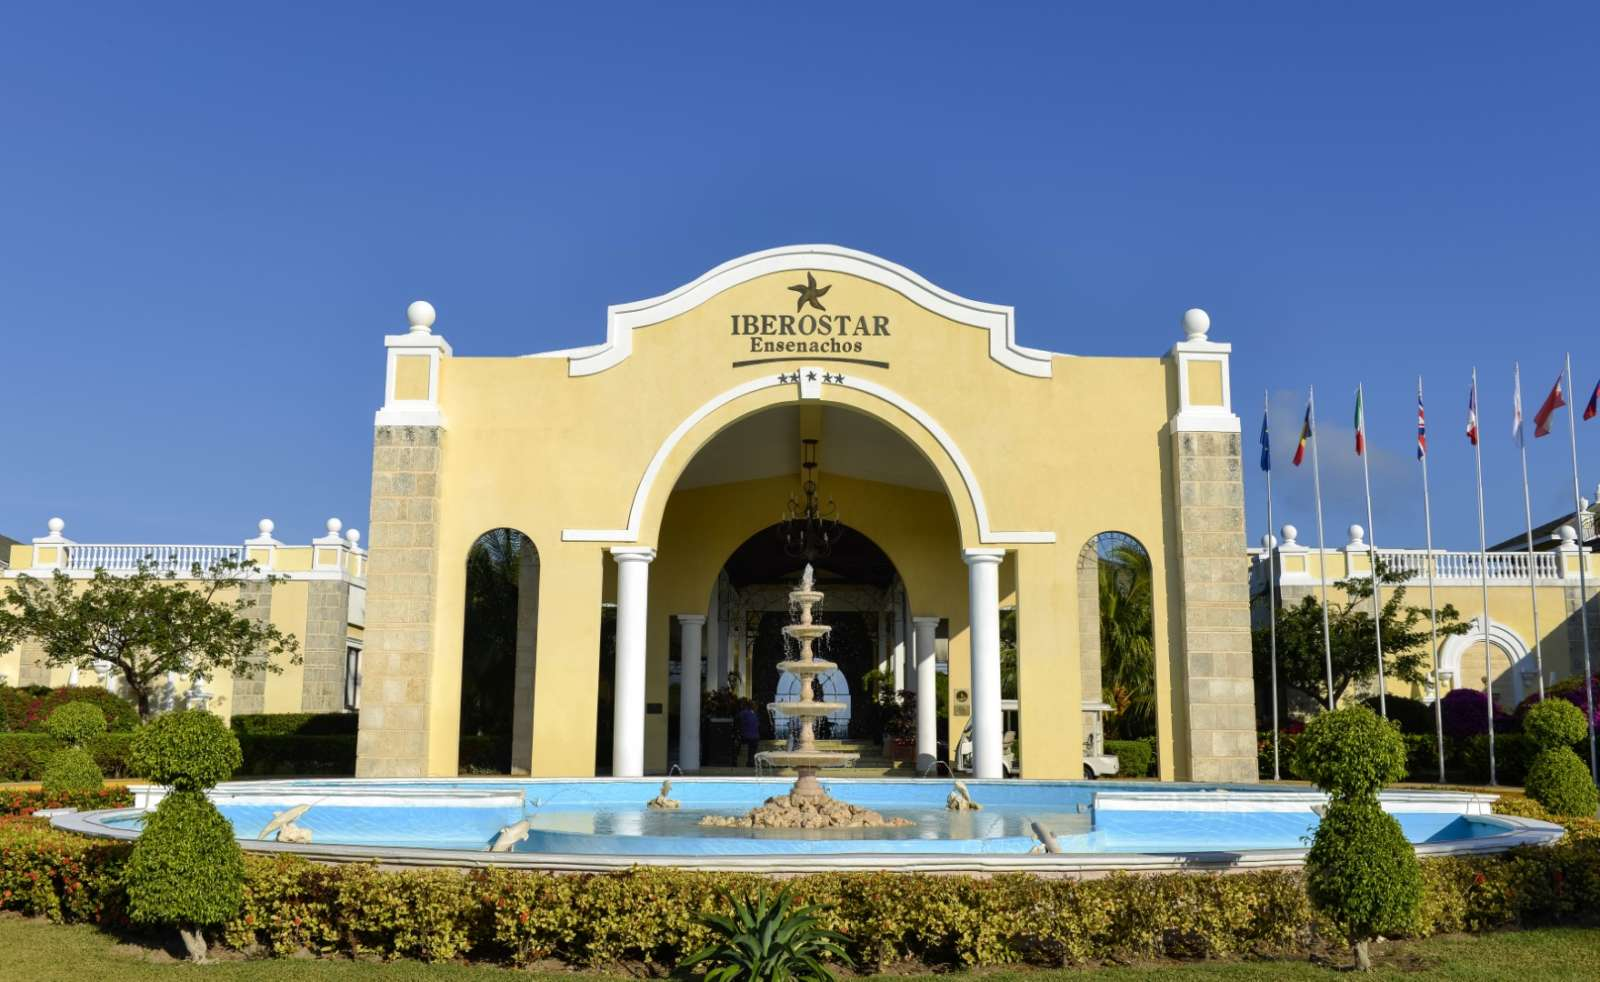 Entrance to Iberostar Ensenachos